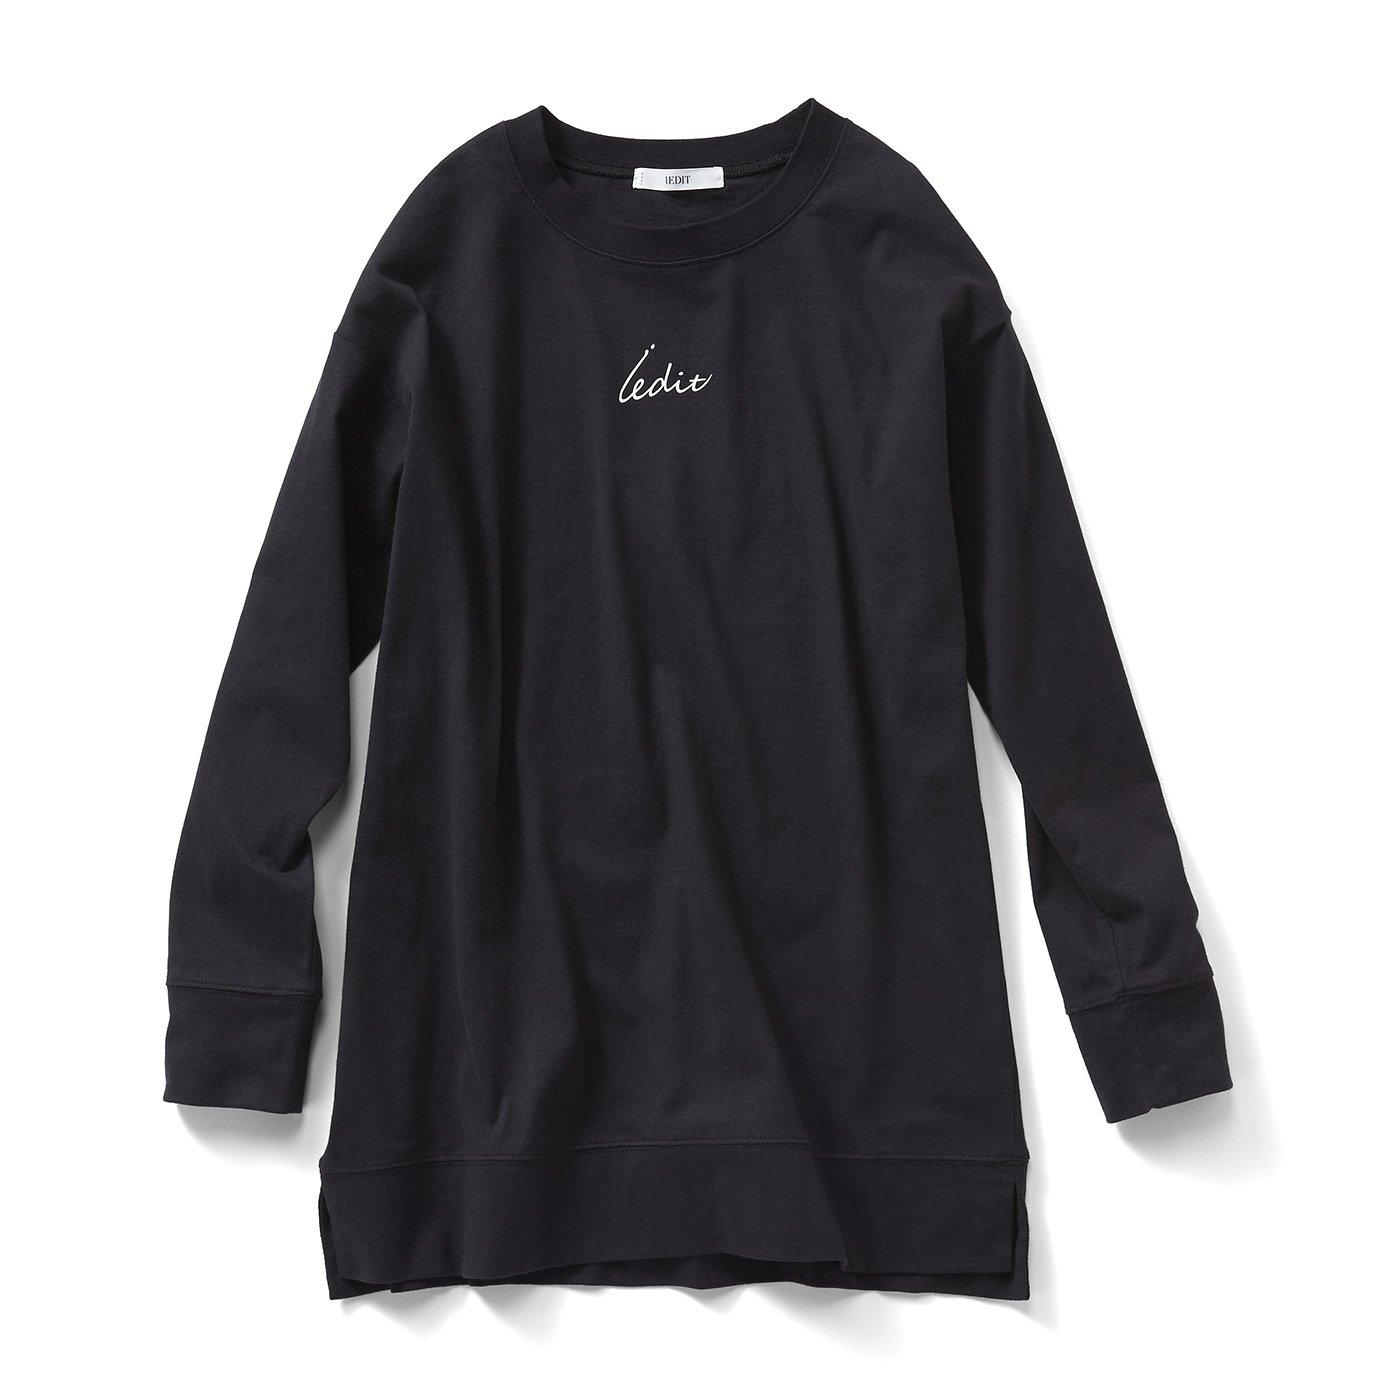 【3~10日でお届け】IEDIT[イディット] リサイクルコットンのブランドロゴTシャツ〈ブラック〉